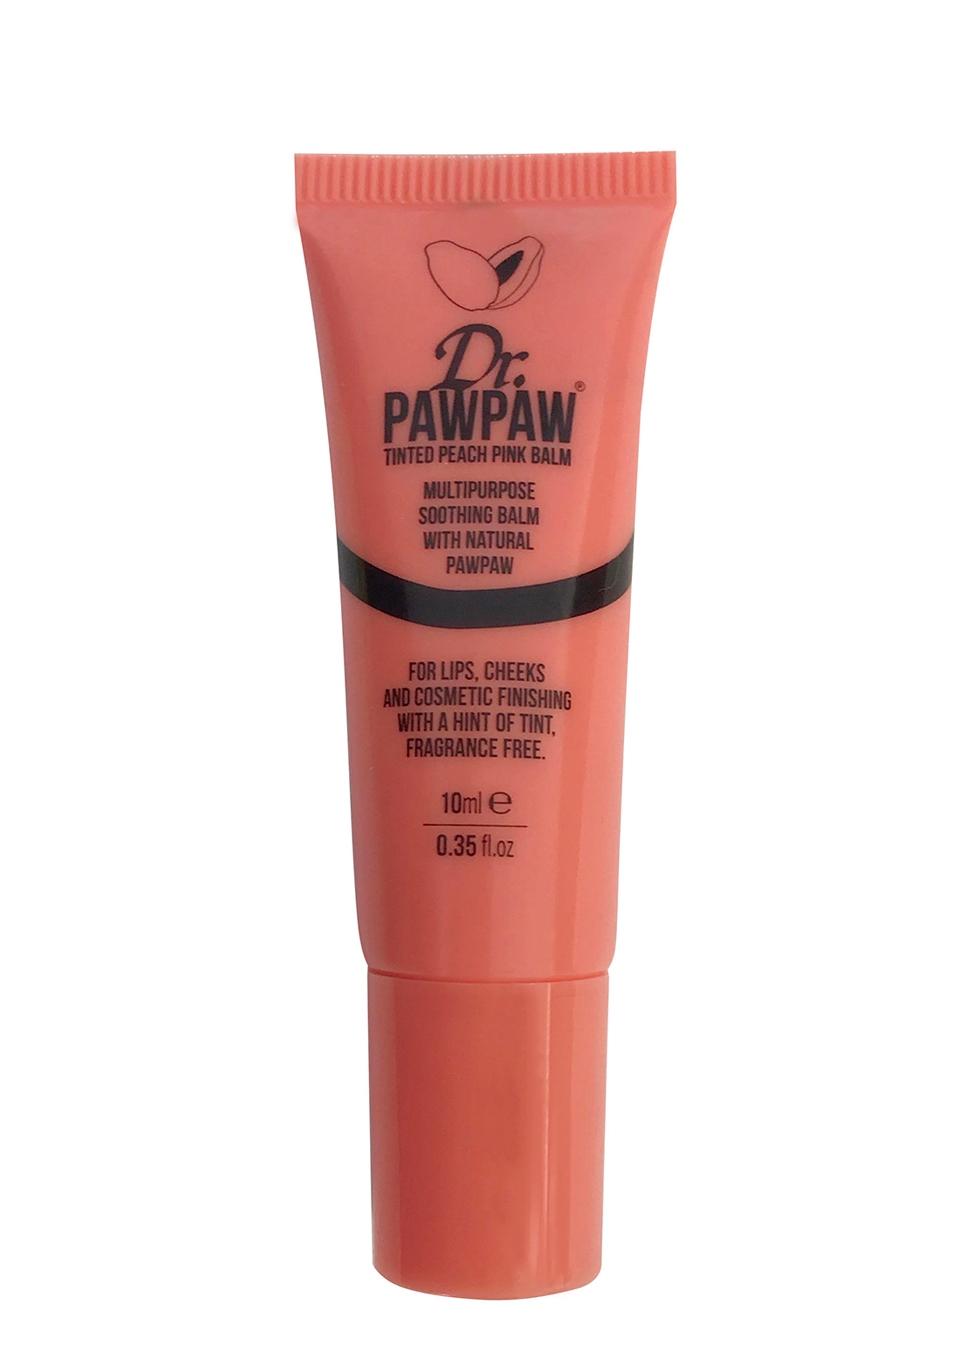 Tinted Peach Pink Balm 10ml